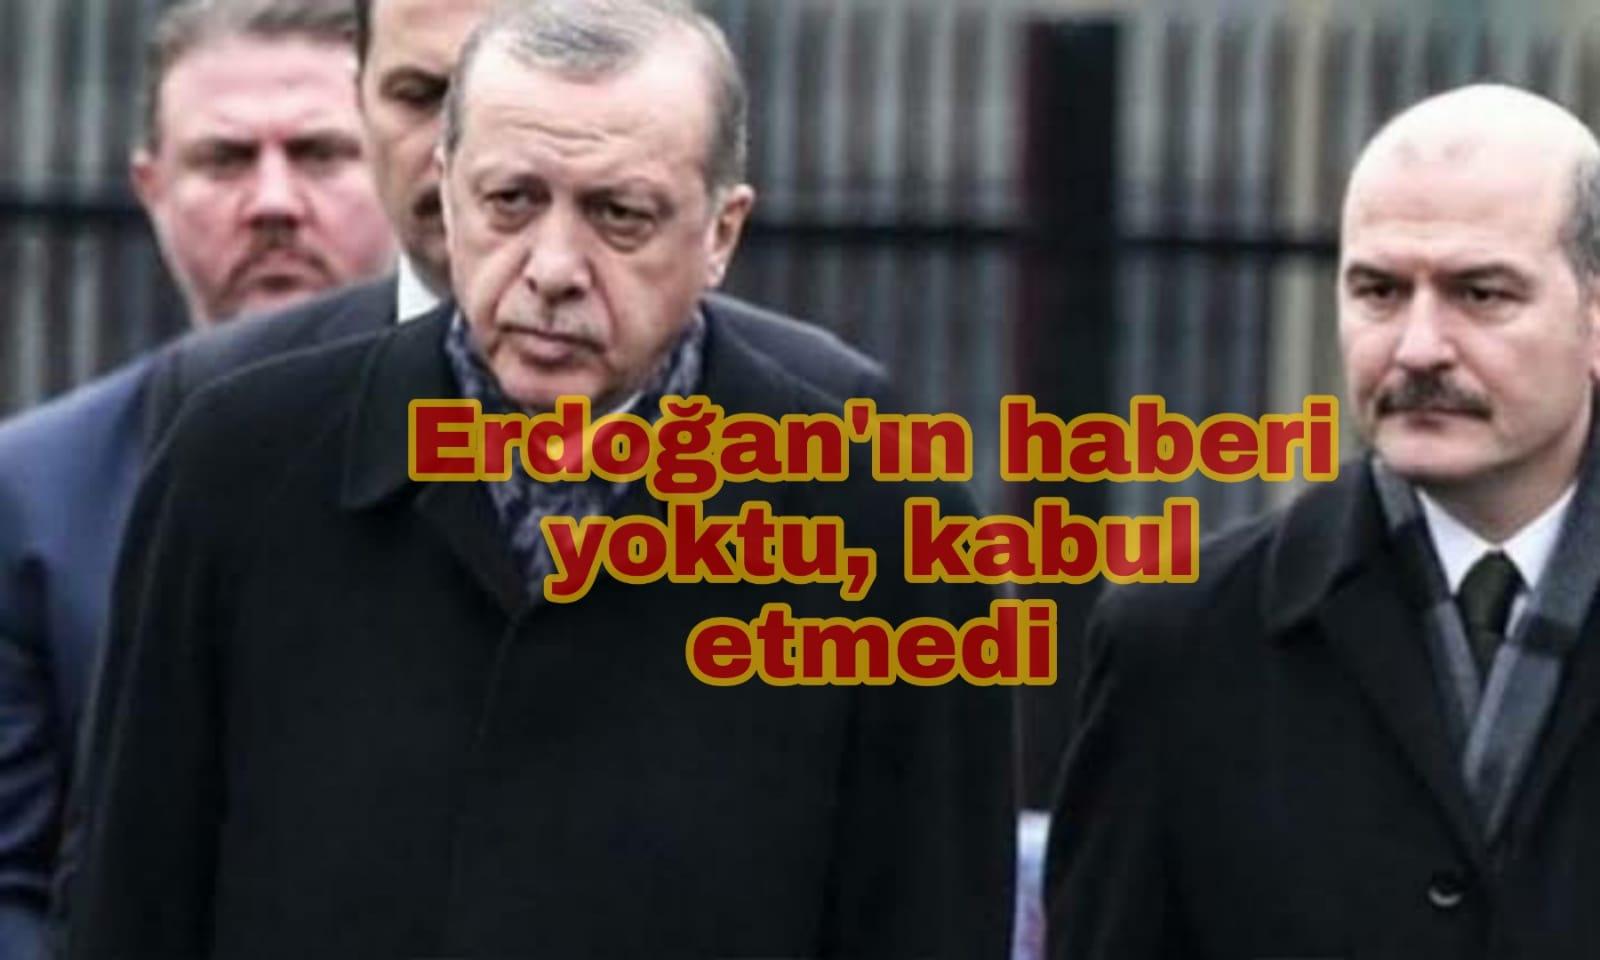 Erdoğan'ın haberi yoktu; kabul etmedi